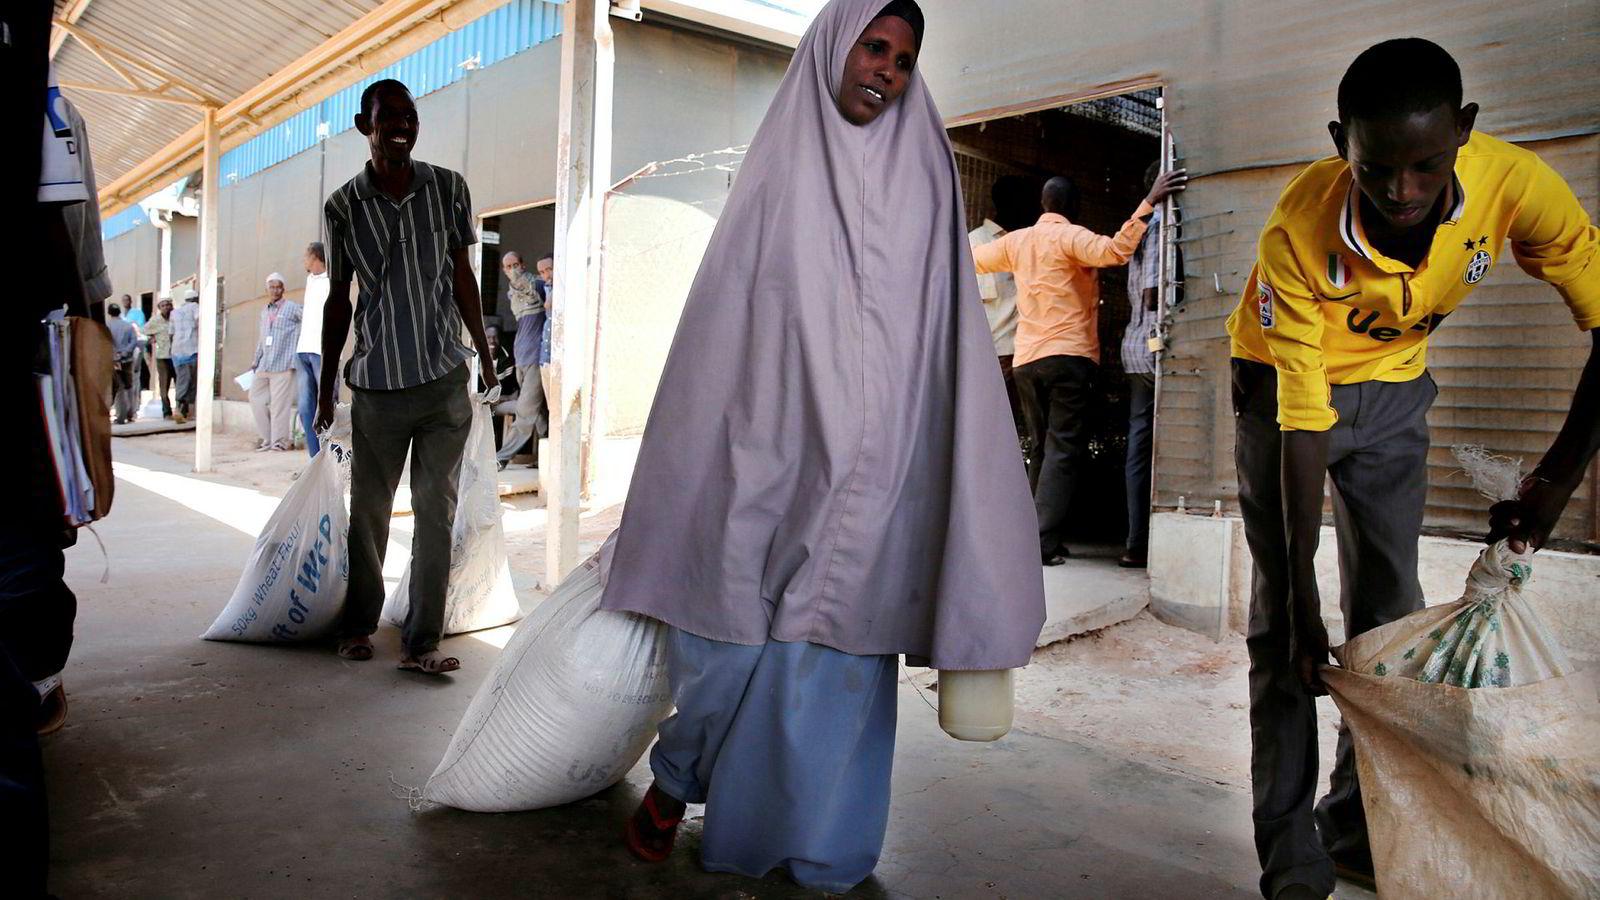 Subsidier er noen ganger nyttig, men like sikkert er det at det er vanskelig. Slike penger i for stort omfang og brukt av ikke kompetente offentlige organ kan også gjøre skade. Mumna Sheik henter her mat til sin familie i Dadaab flyktningleir i Kenya.